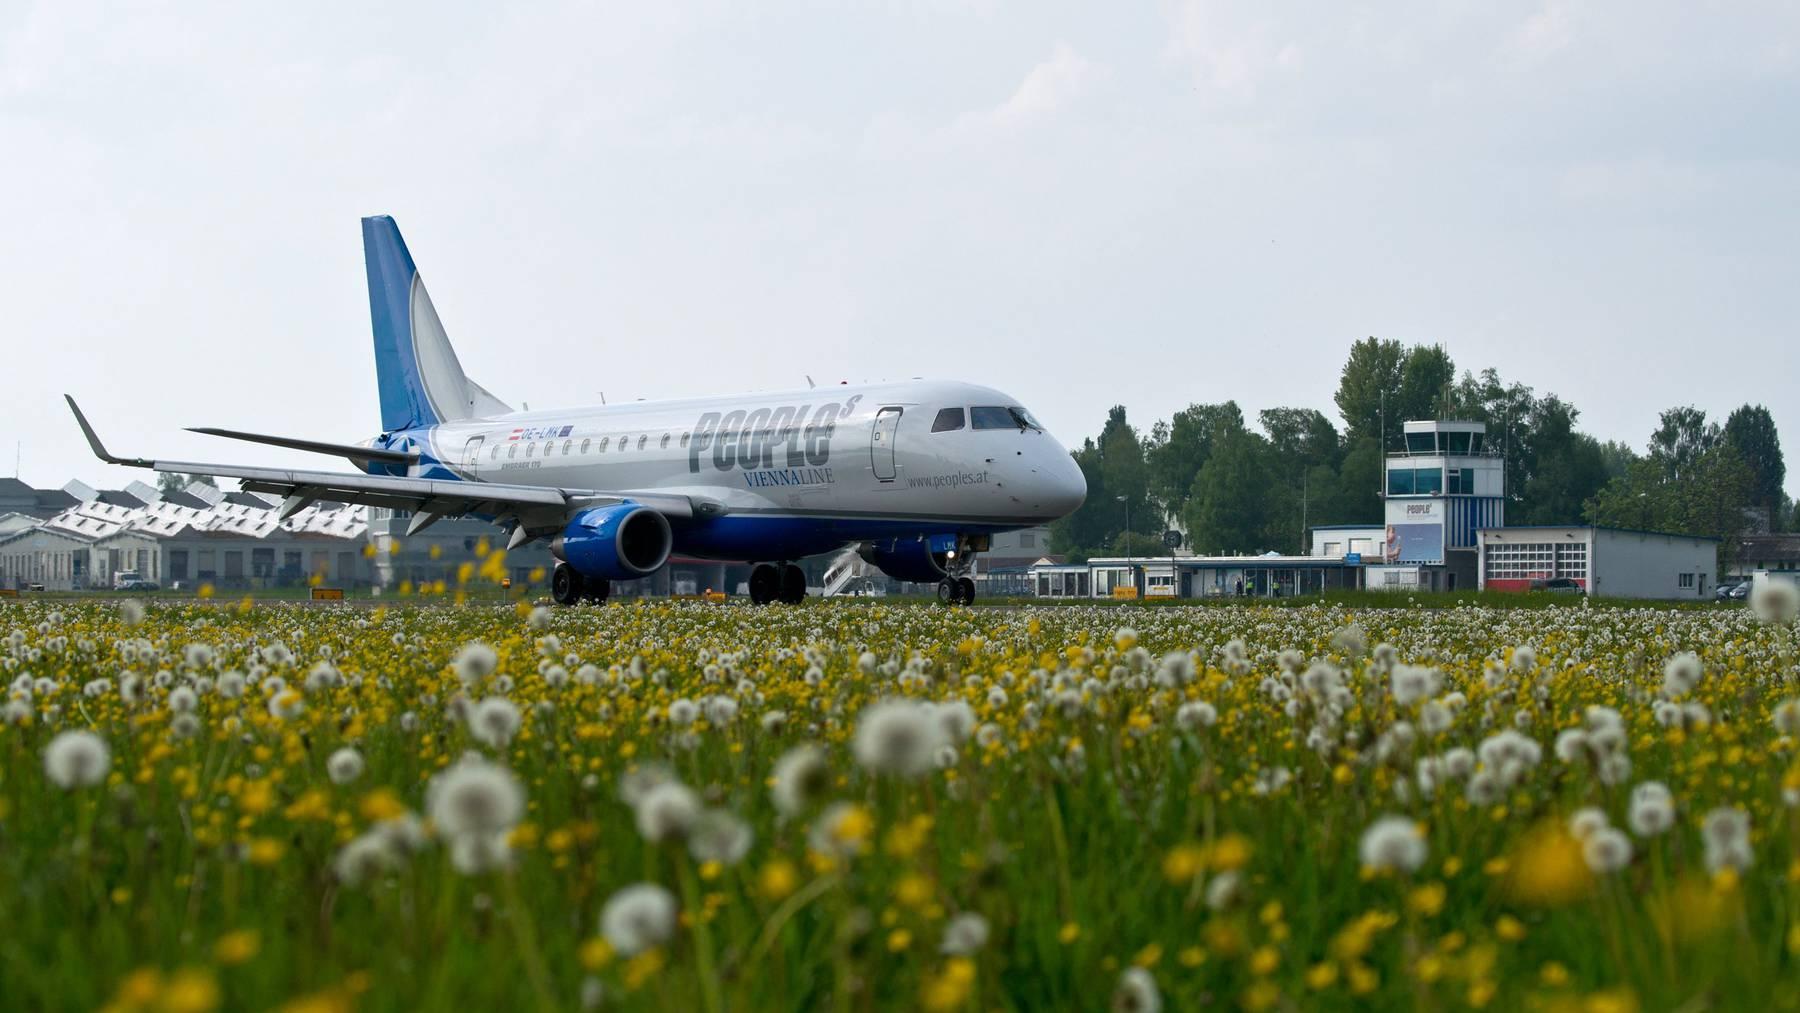 Soll zu viele Sonderflüge durchgeführt haben - gegen den Fluplatz Altenrhein wurde Beschwerde eingereicht